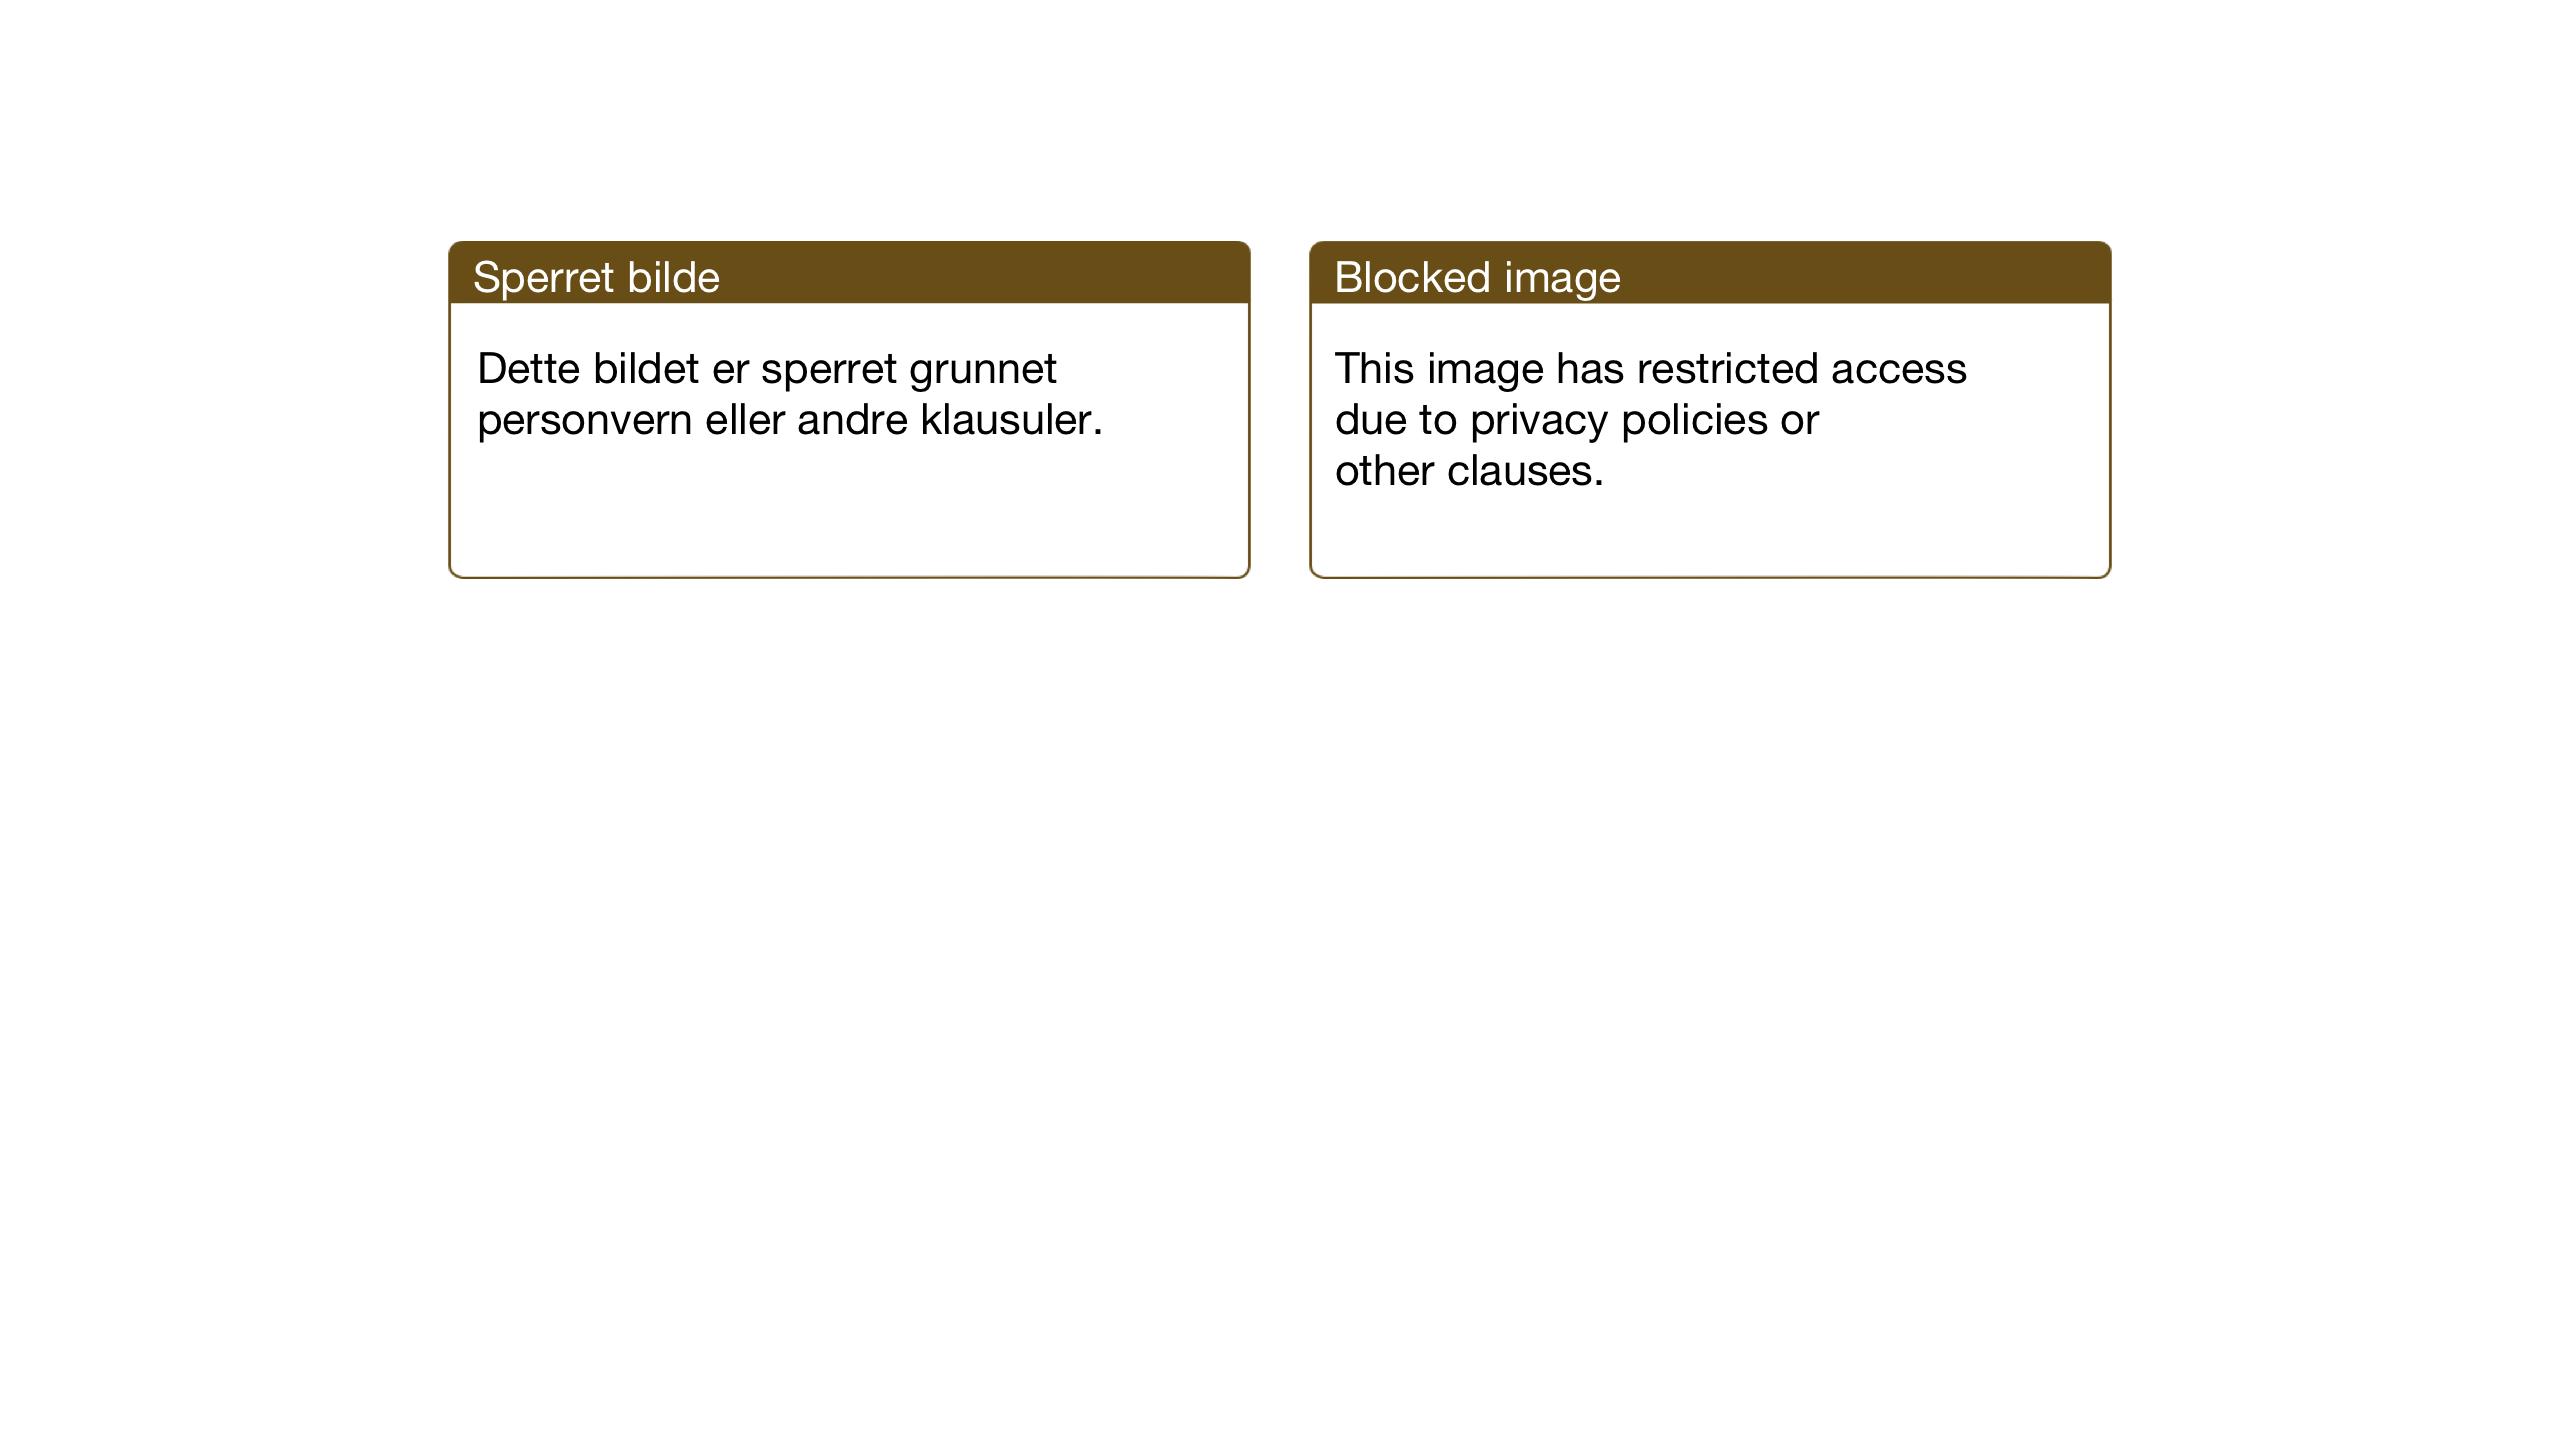 SAT, Ministerialprotokoller, klokkerbøker og fødselsregistre - Sør-Trøndelag, 682/L0947: Klokkerbok nr. 682C01, 1926-1968, s. 42